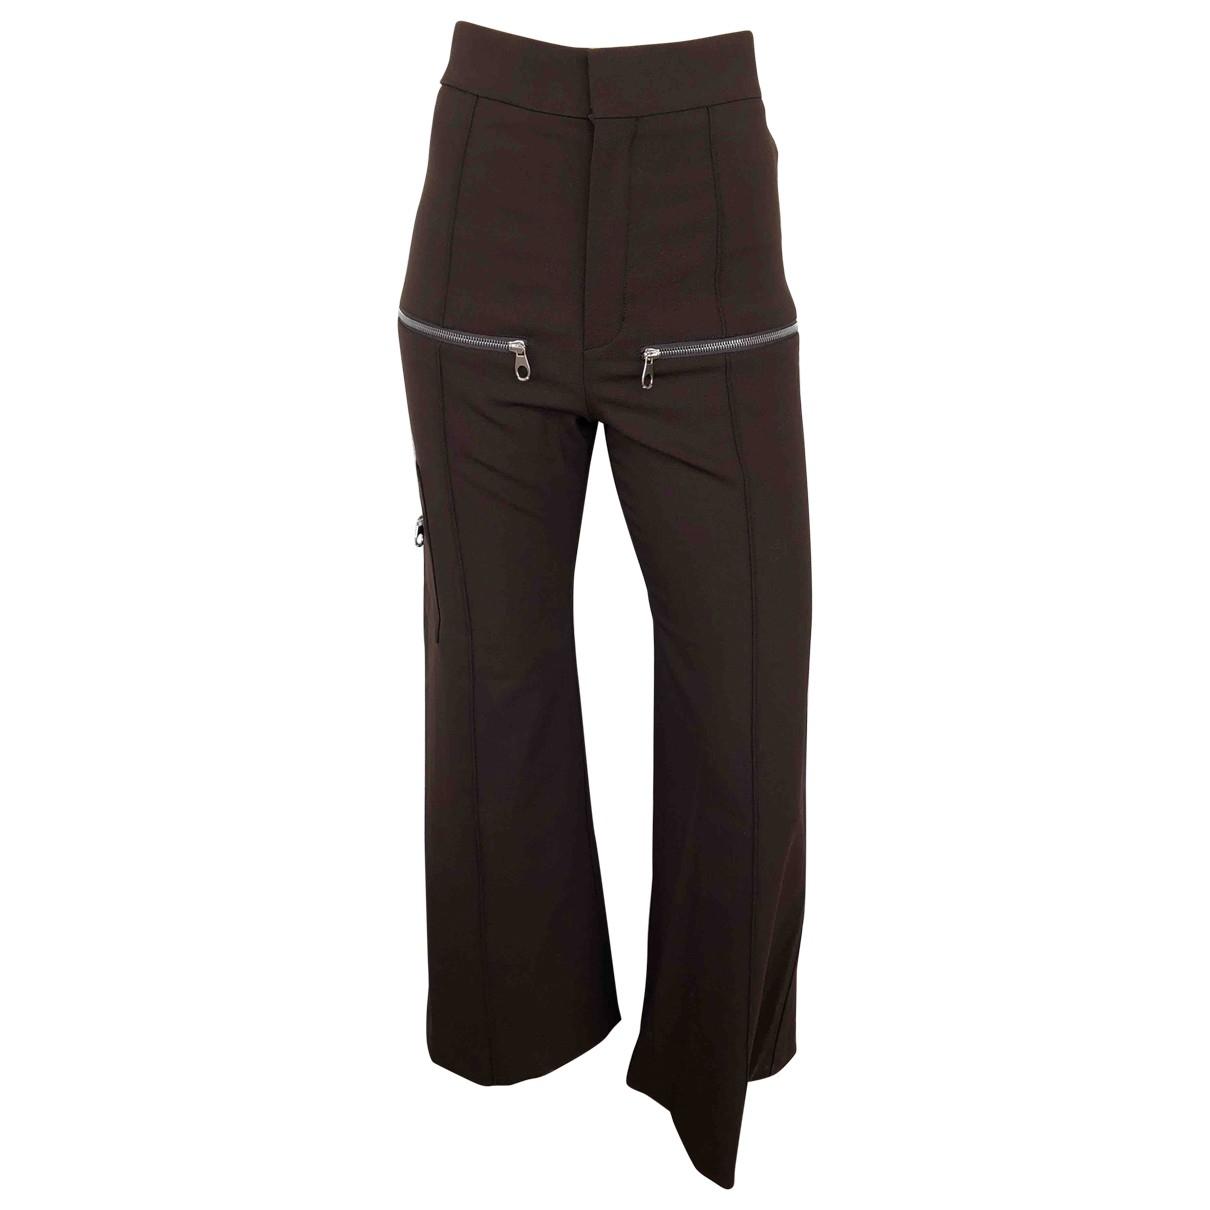 Pantalon en Viscosa Chloe